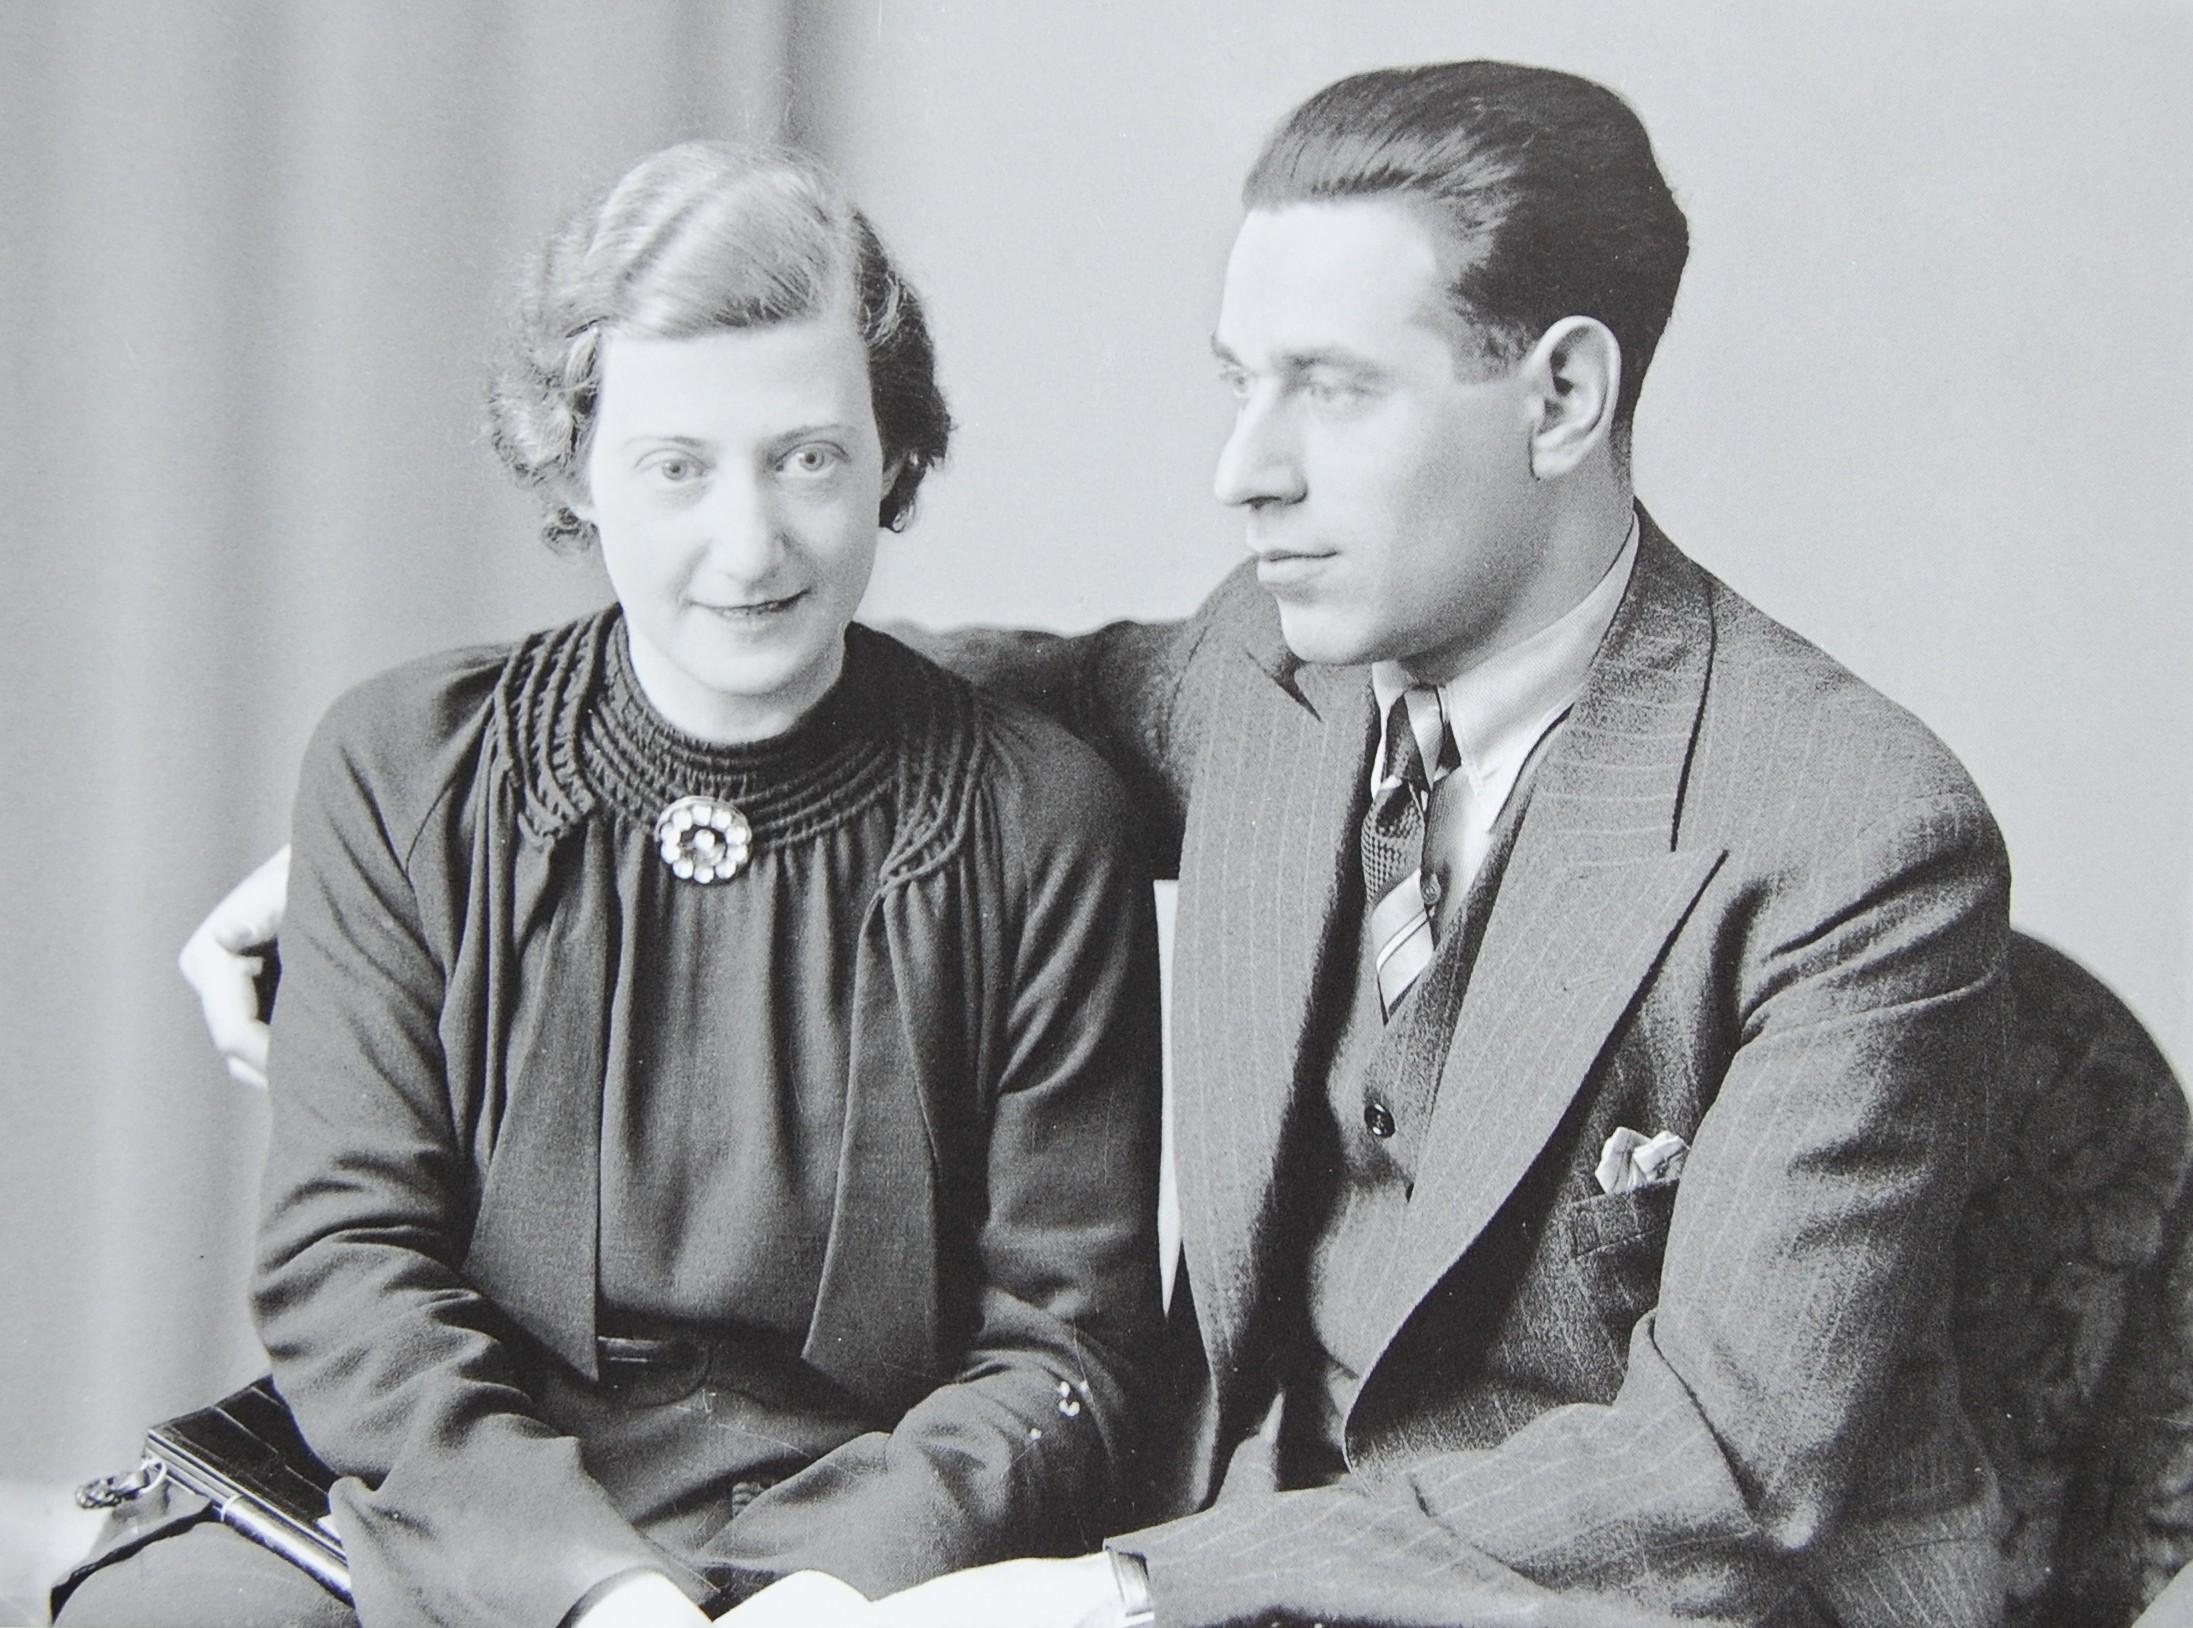 Ludwig und Bertha Hirsch, geb. Heimberg, Mitte der 1930er Jahre (Foto: Weberskirch/Kordes)